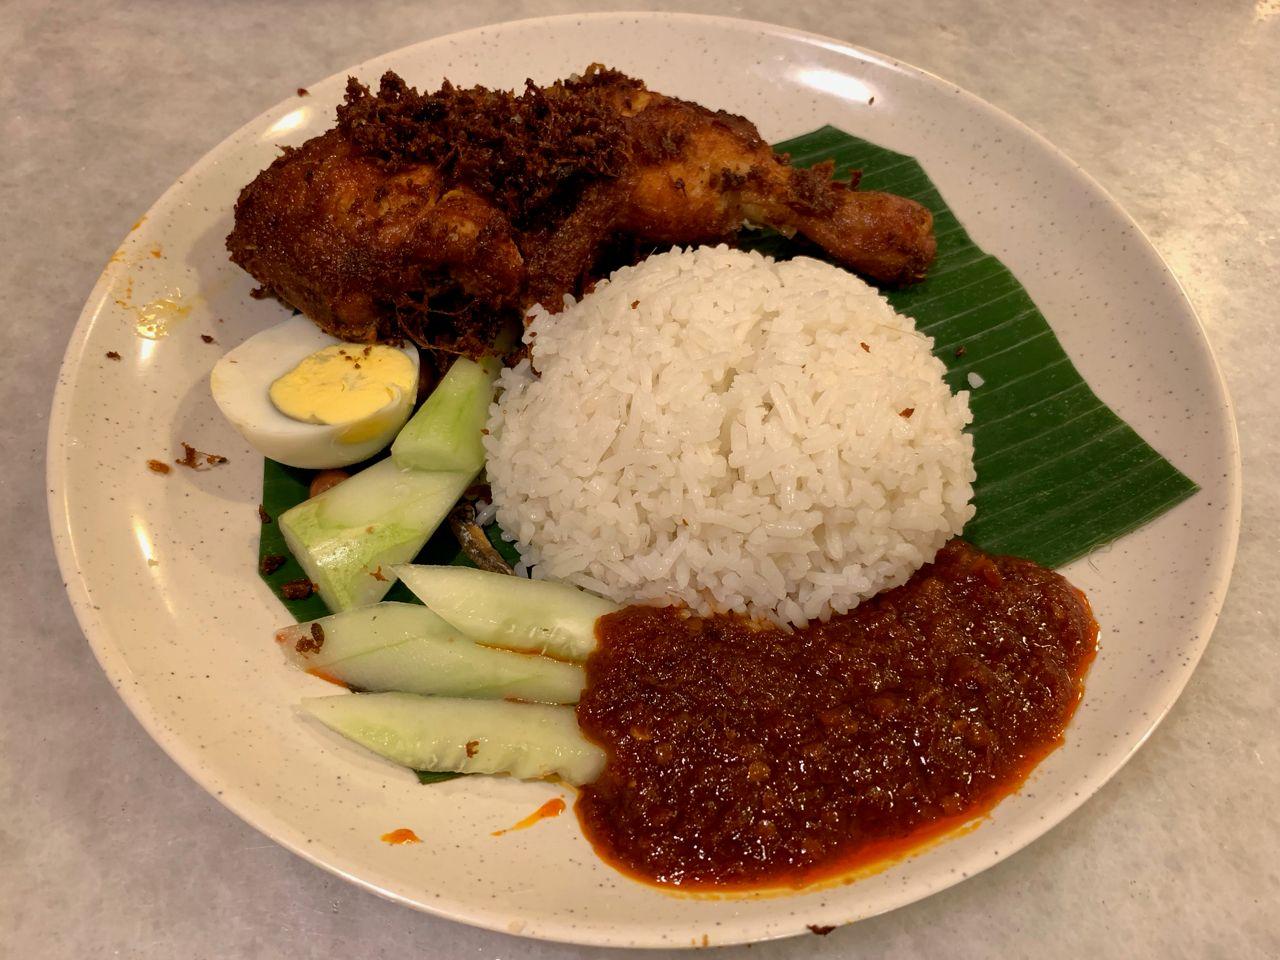 The national dish, Nasi Lemak